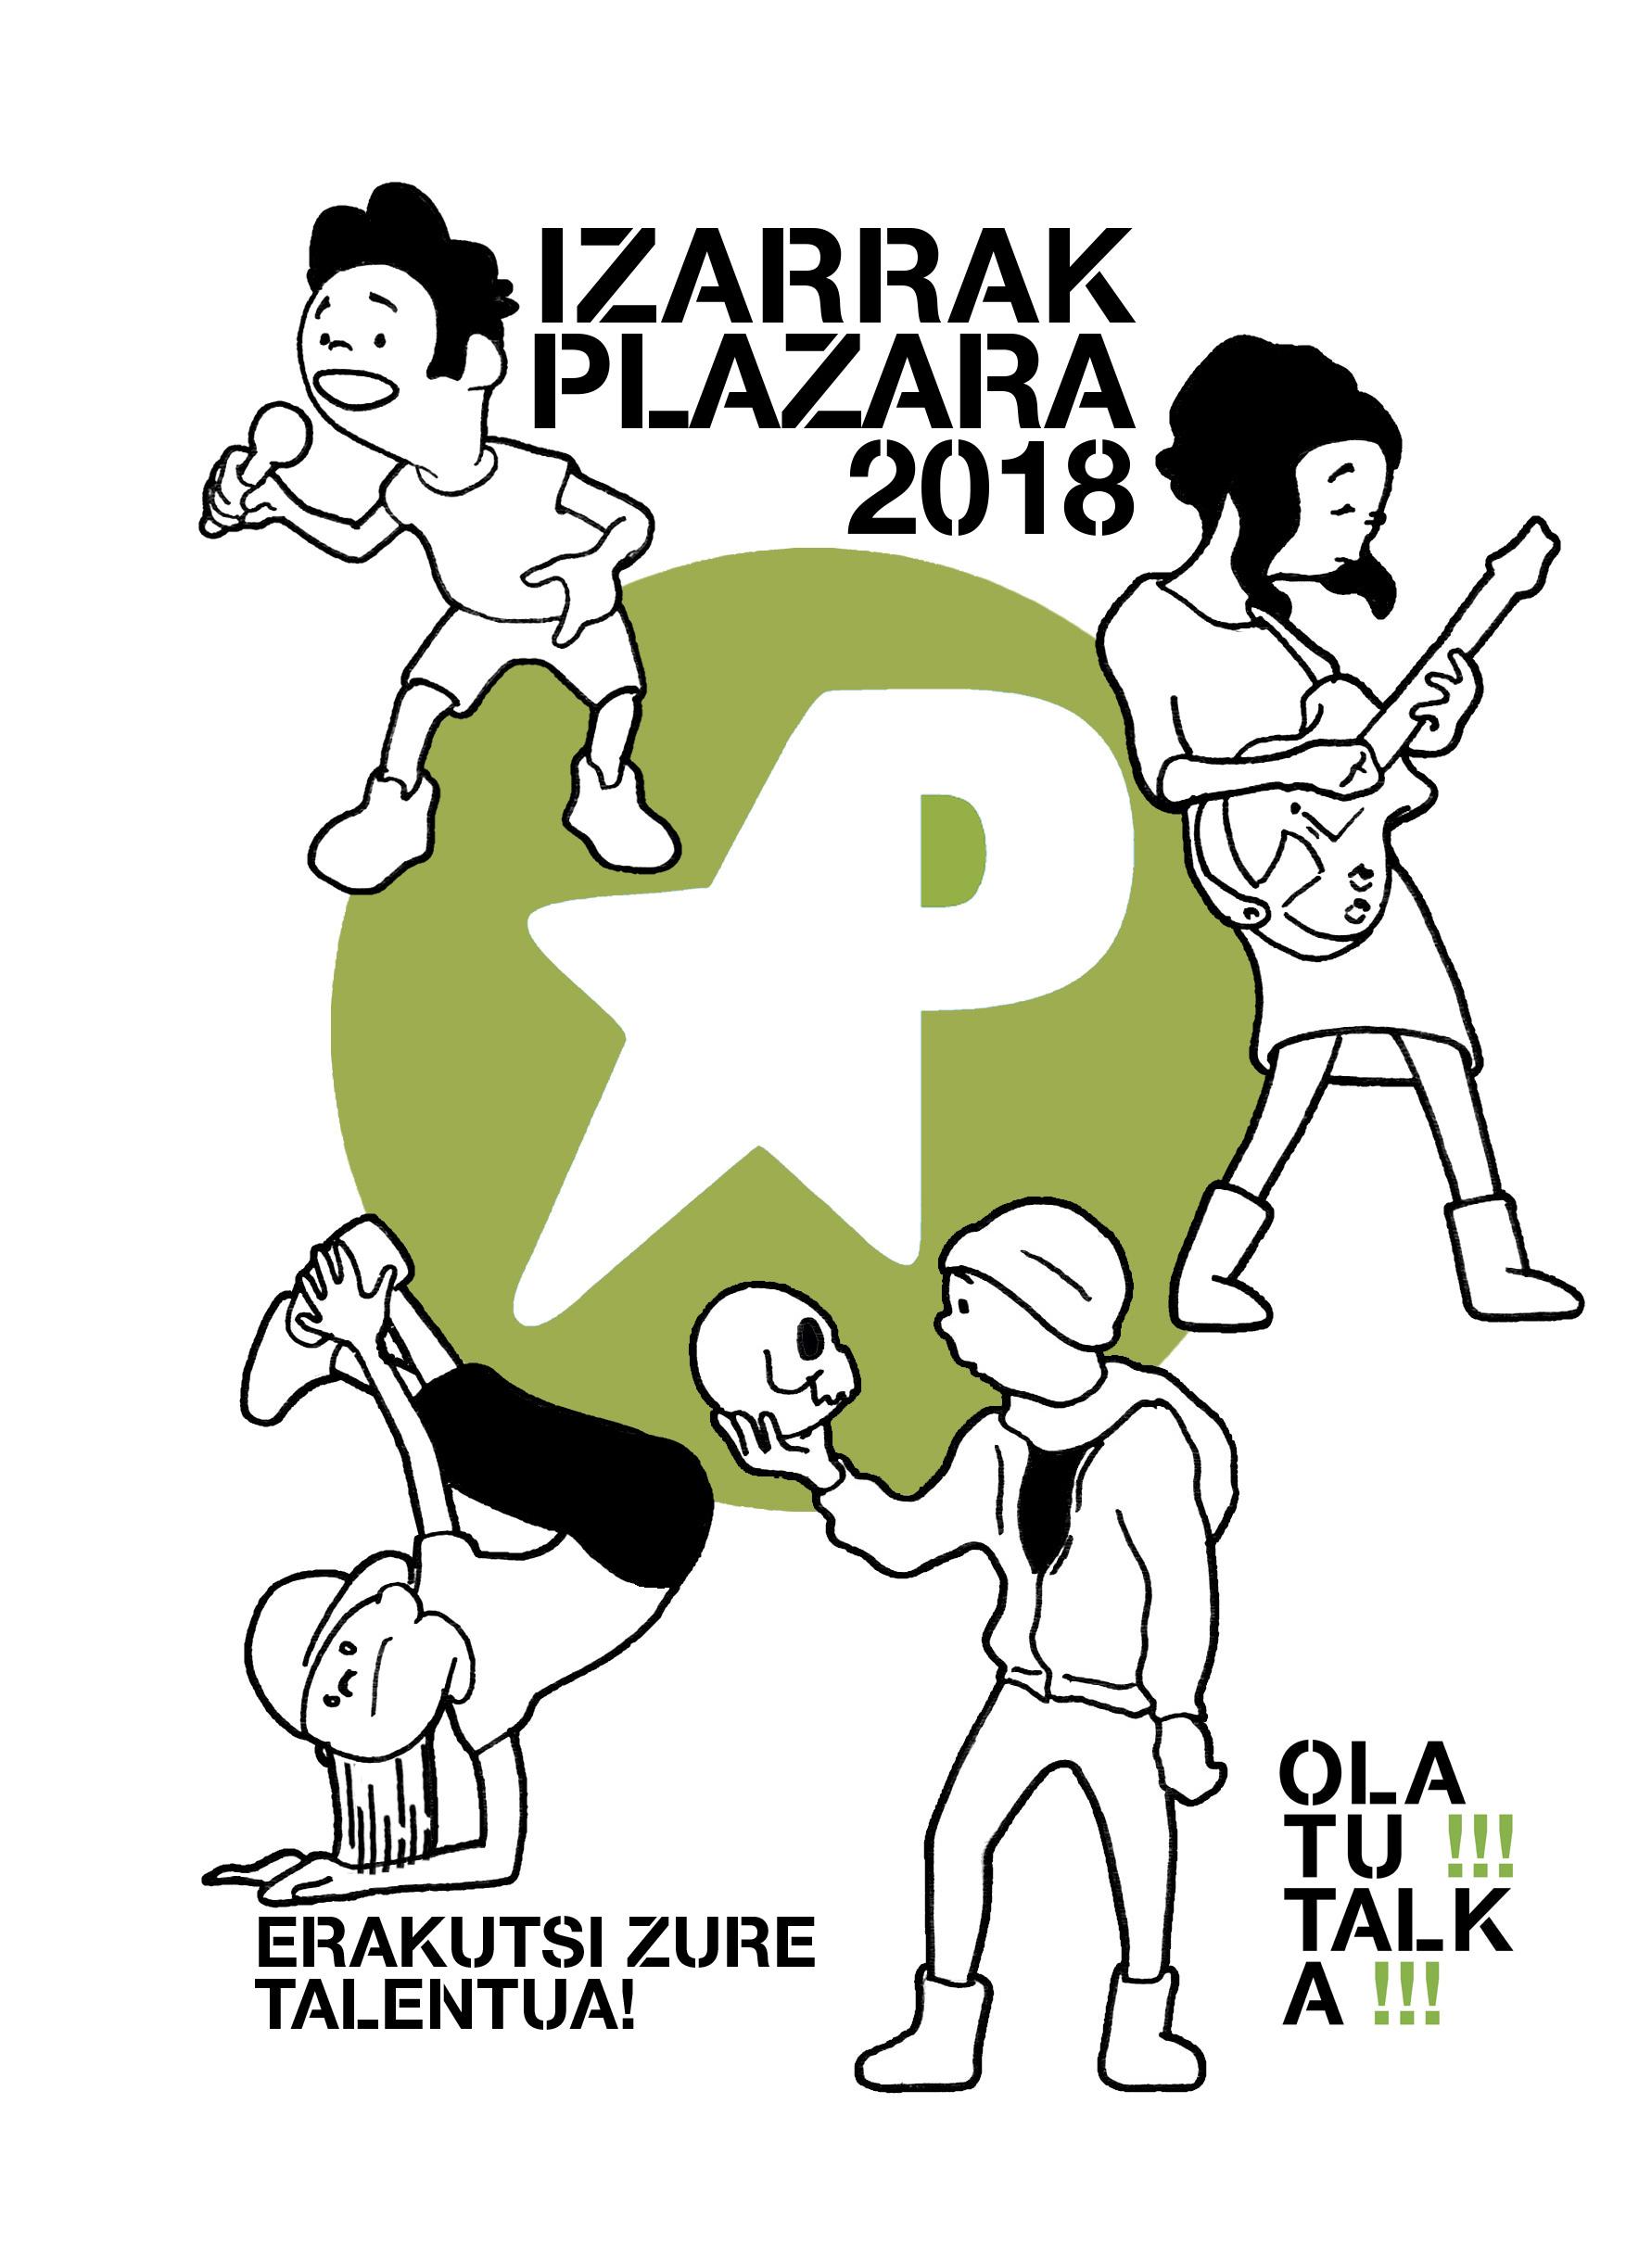 2018 izarrak plazara